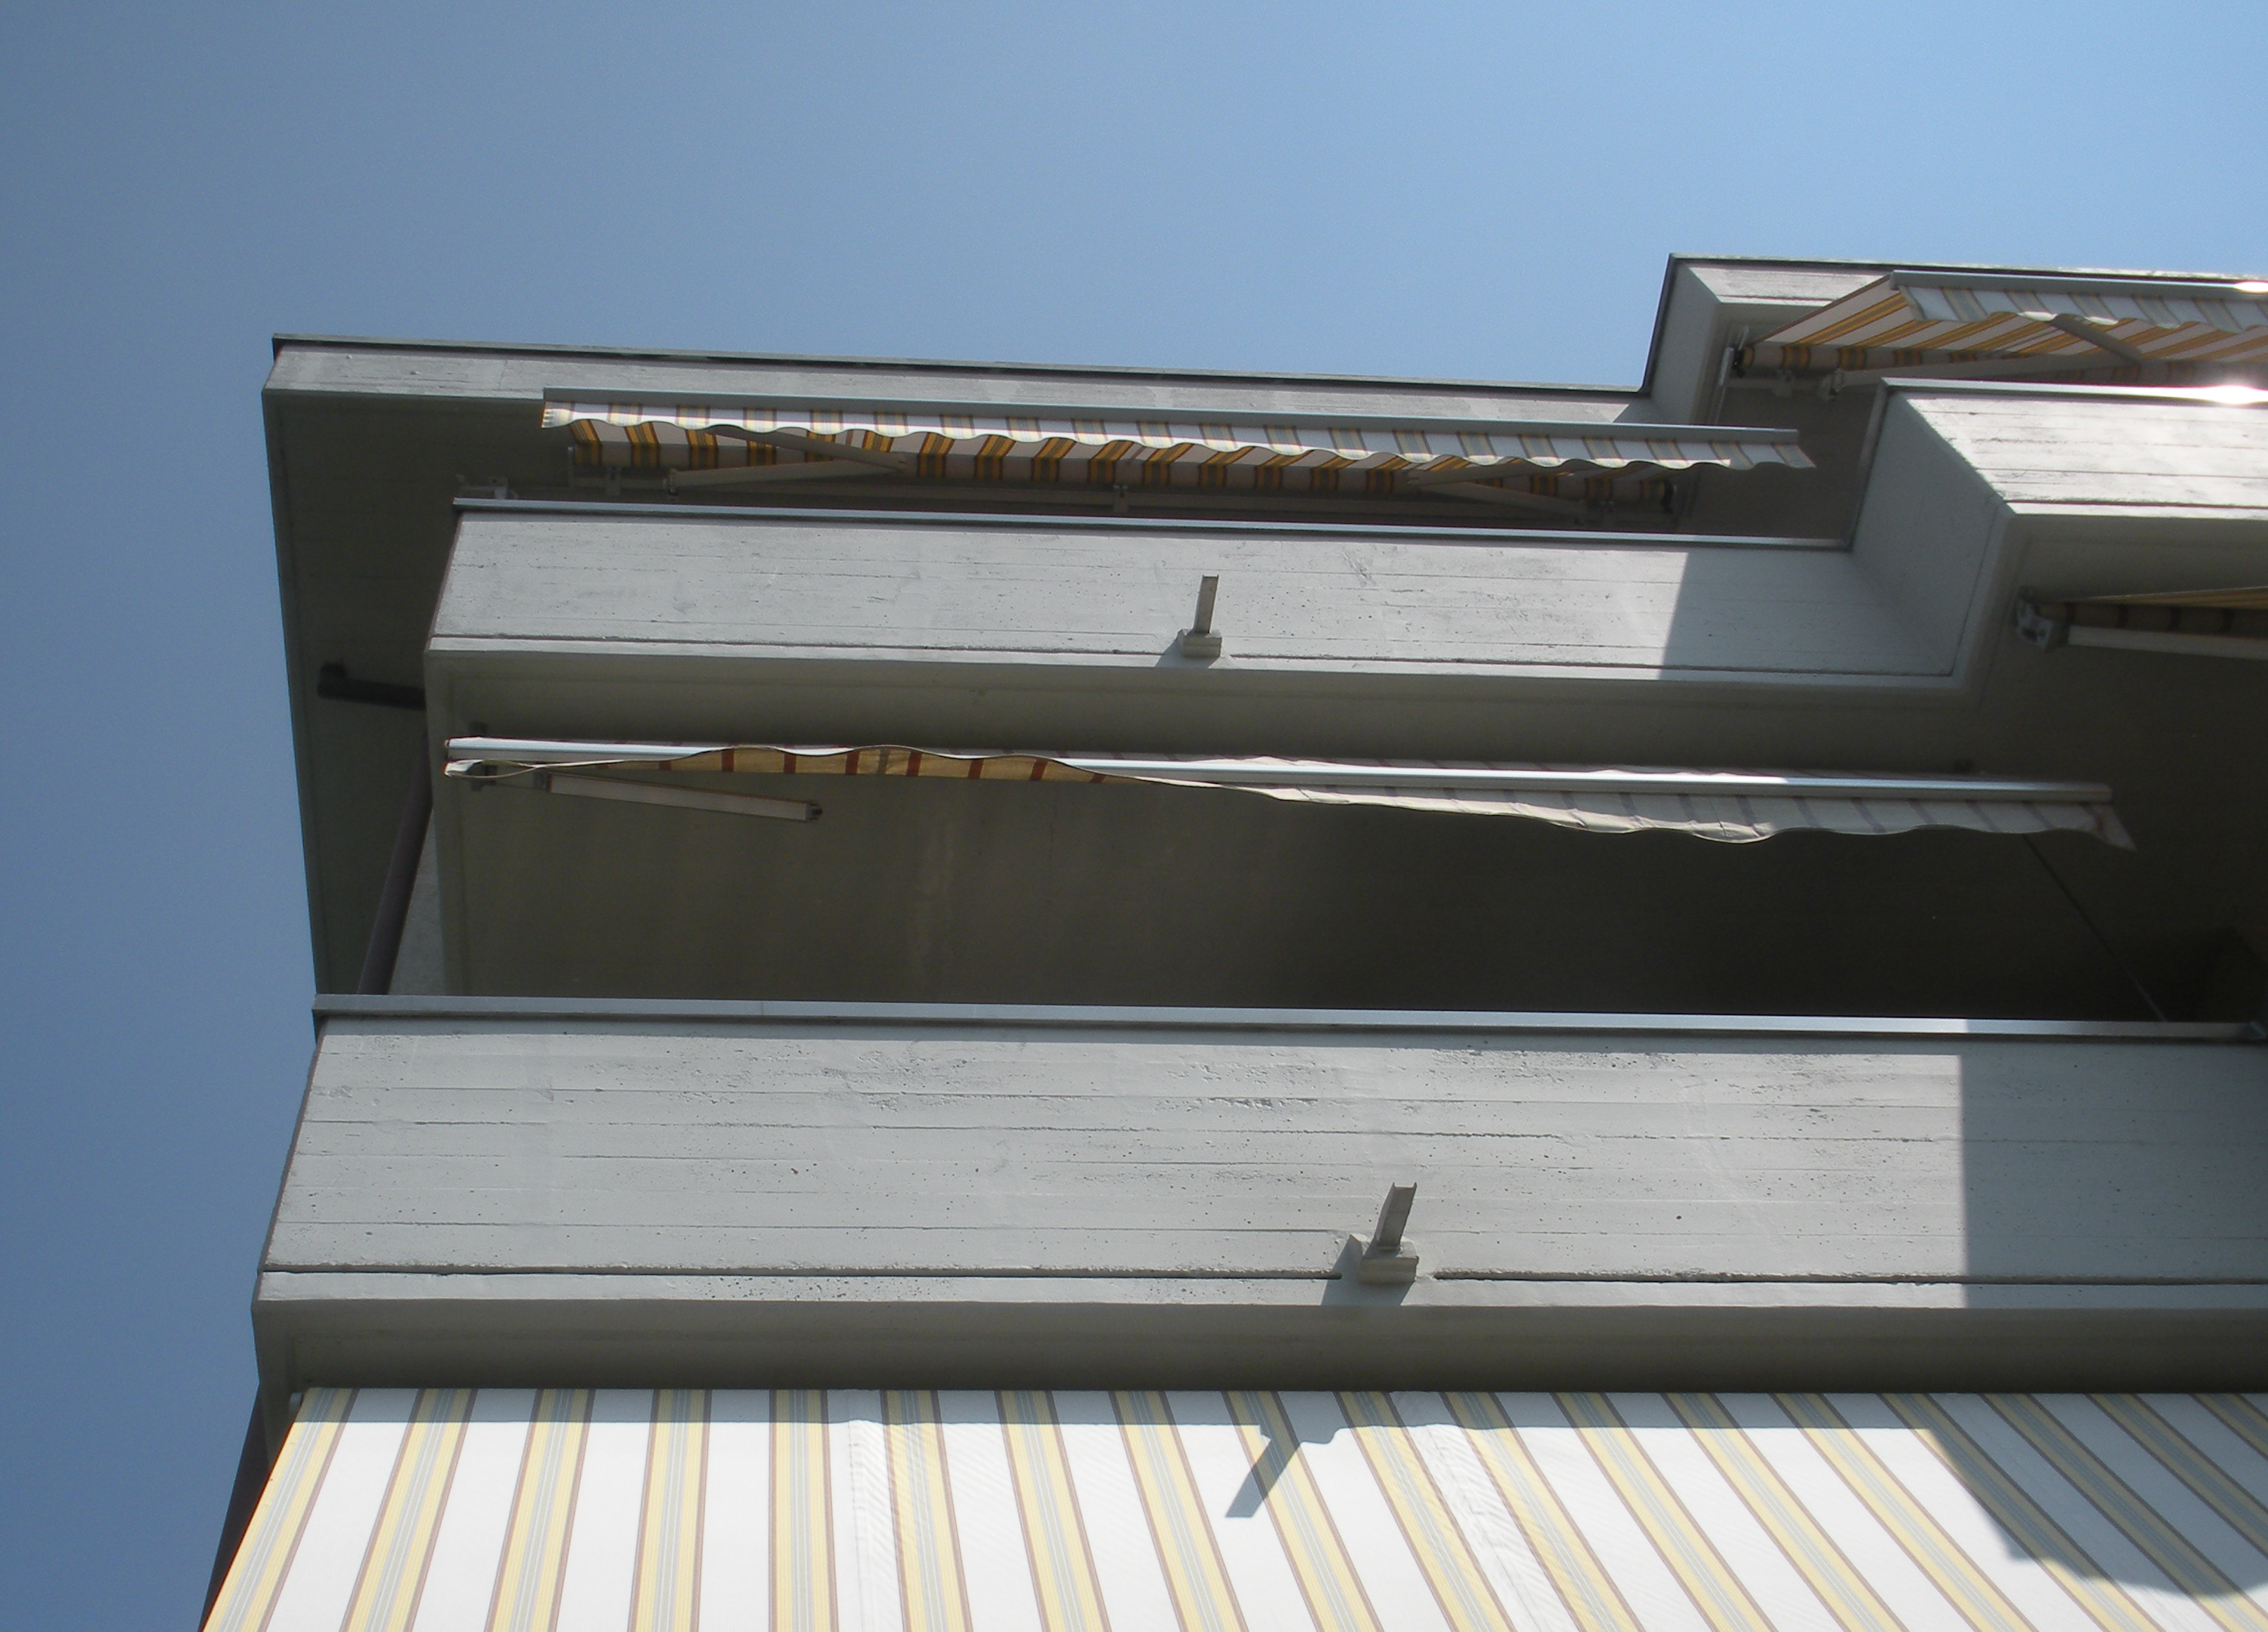 Particolare del restauro del cemento armato e della protezione pigmentata anti carbonatazione (Tinteggio protettivo) di un condominio - ITON SRL